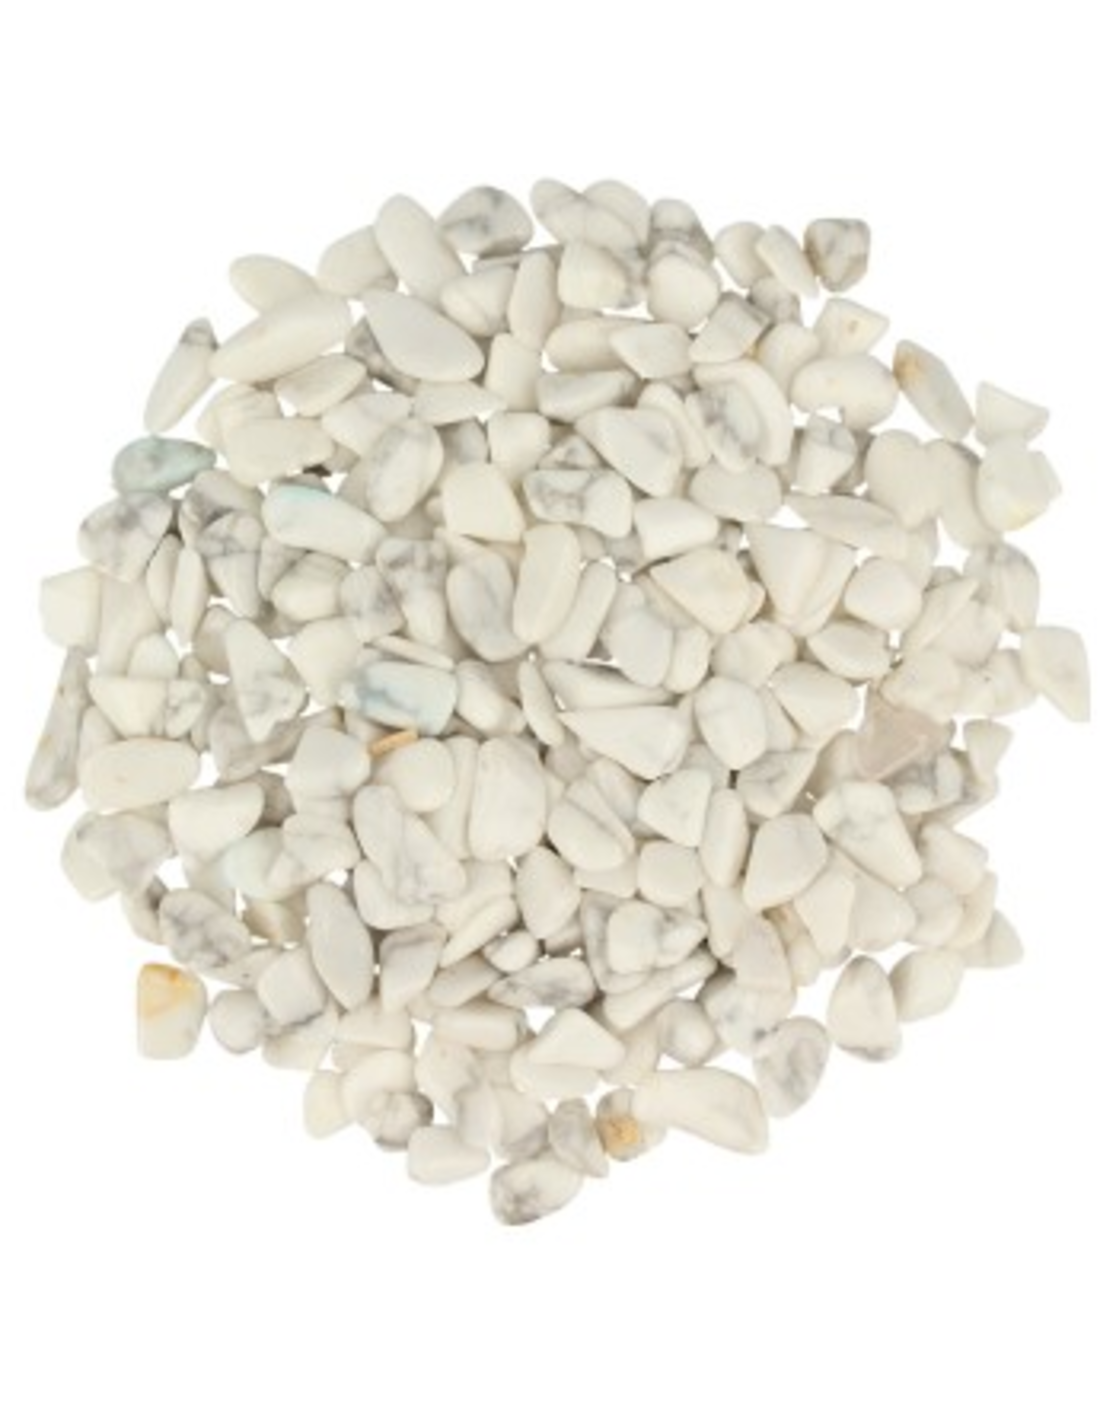 Howliet wit 100 gr. trommelstenen (mt1)